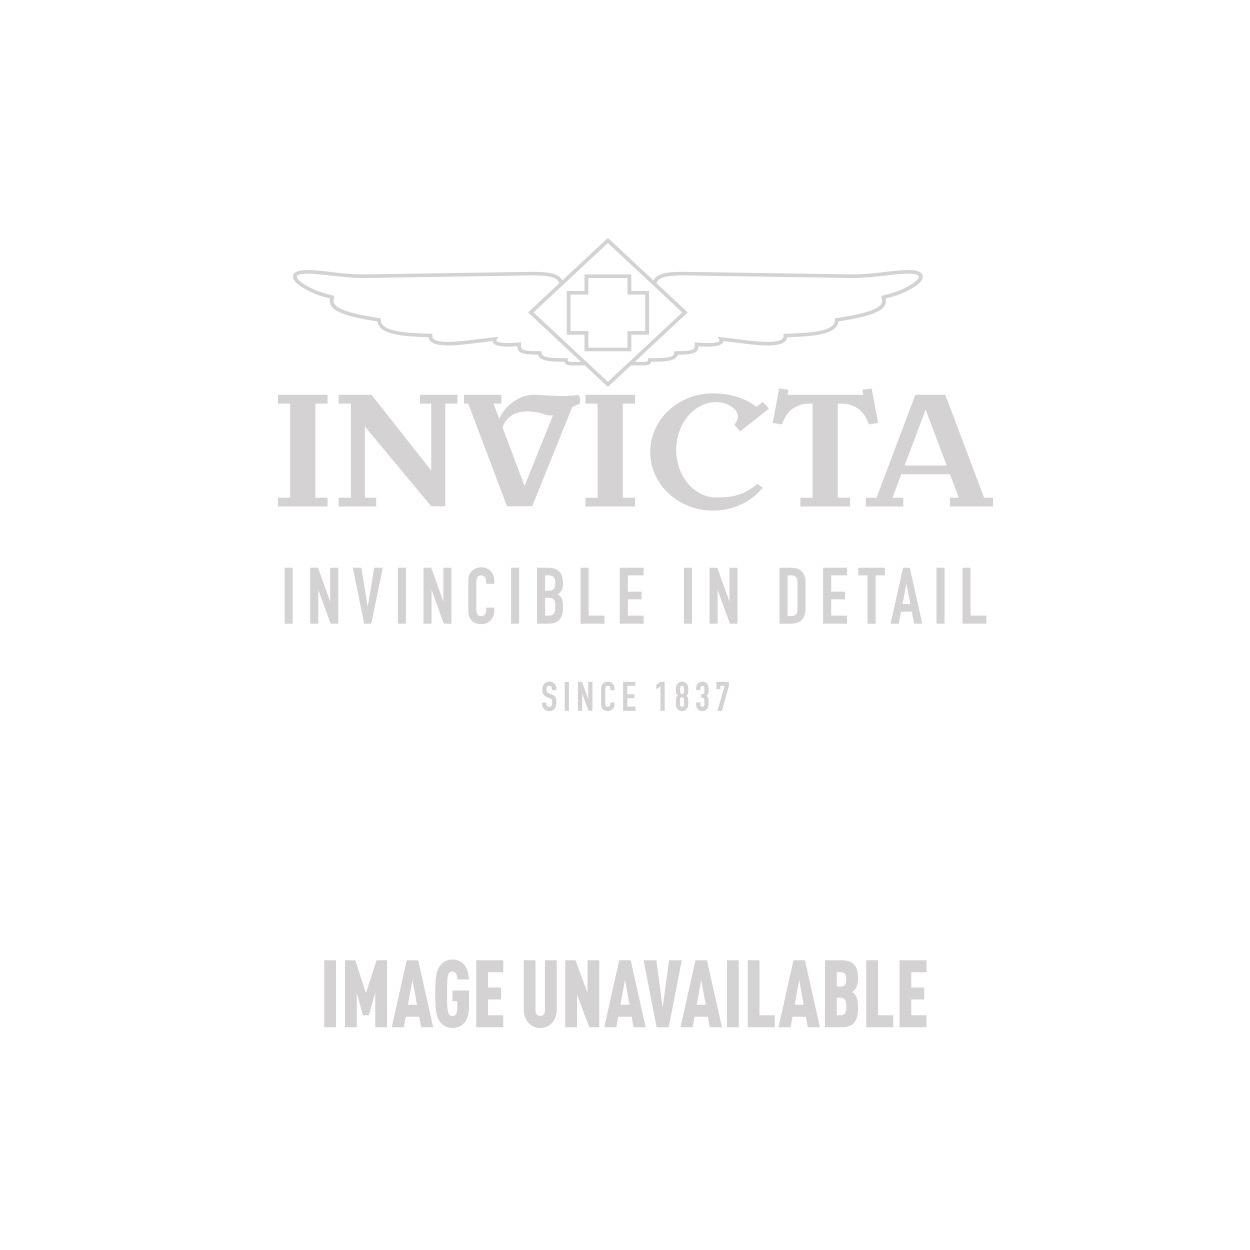 Invicta Model 25048